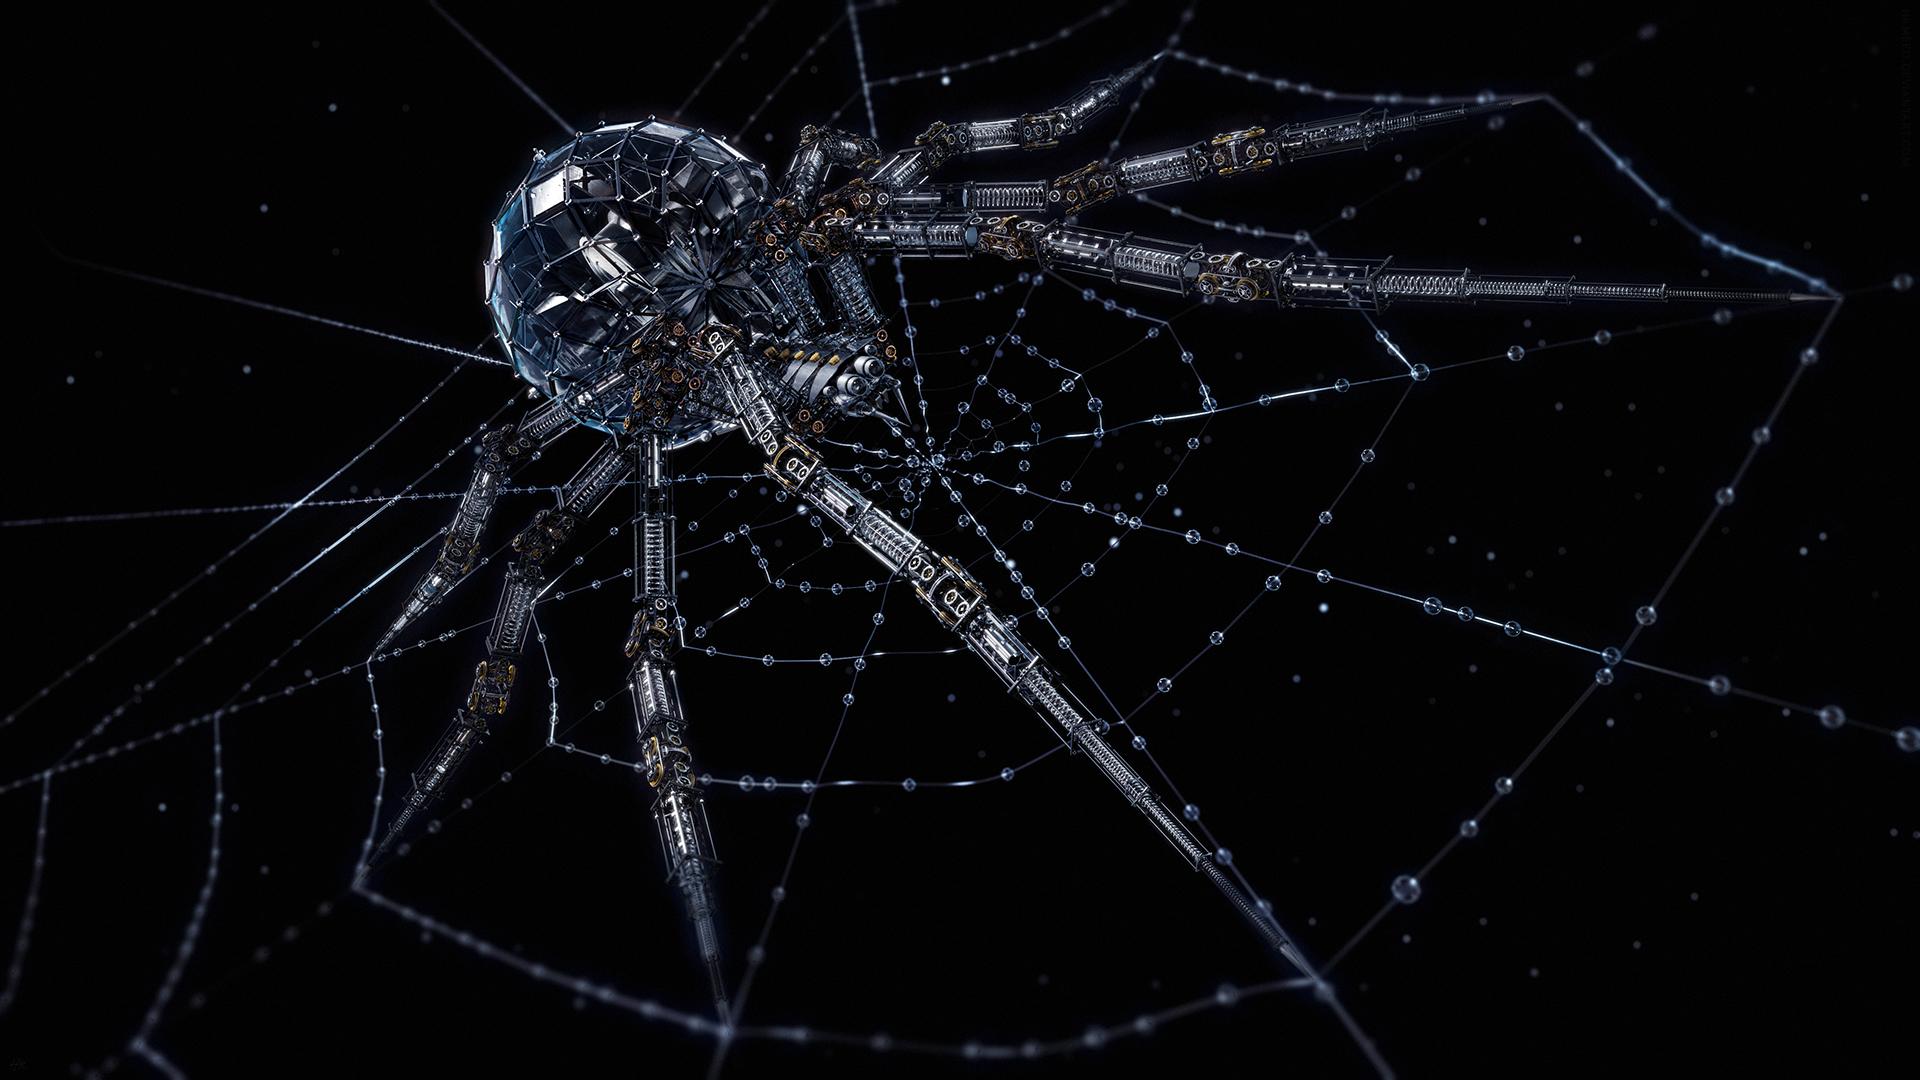 Arachnid Mech (1080p) by Hameed